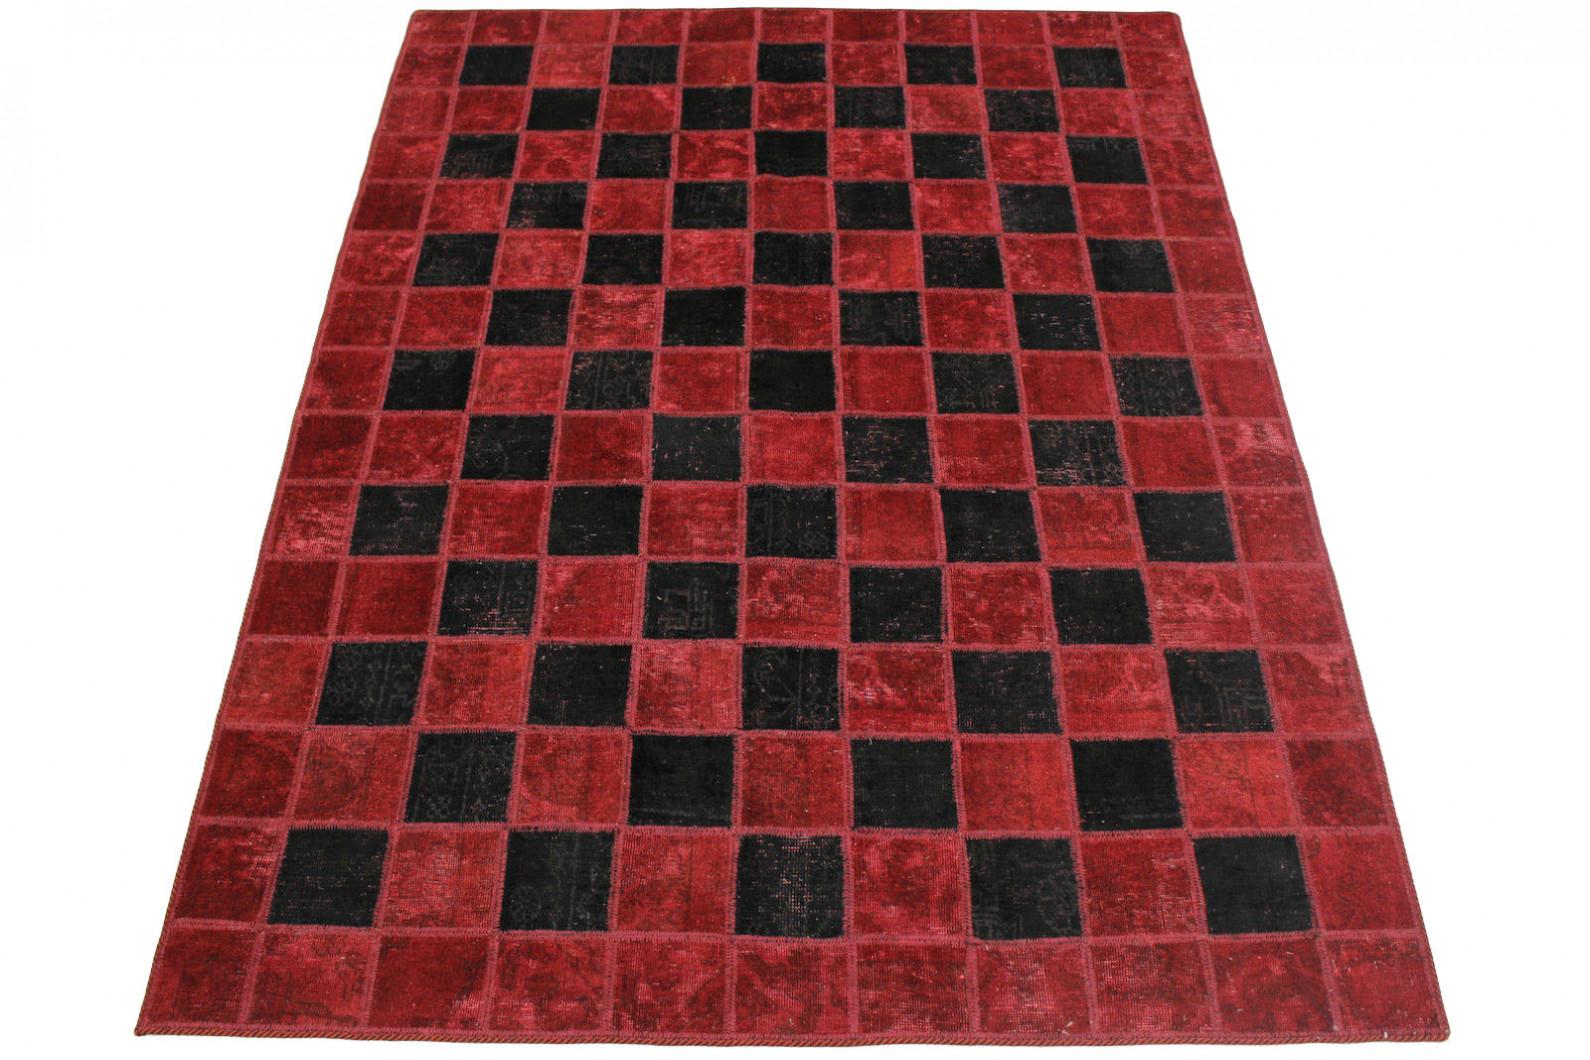 patchwork teppich rot schwarz in 230x160cm 1001 2976 bei kaufen. Black Bedroom Furniture Sets. Home Design Ideas